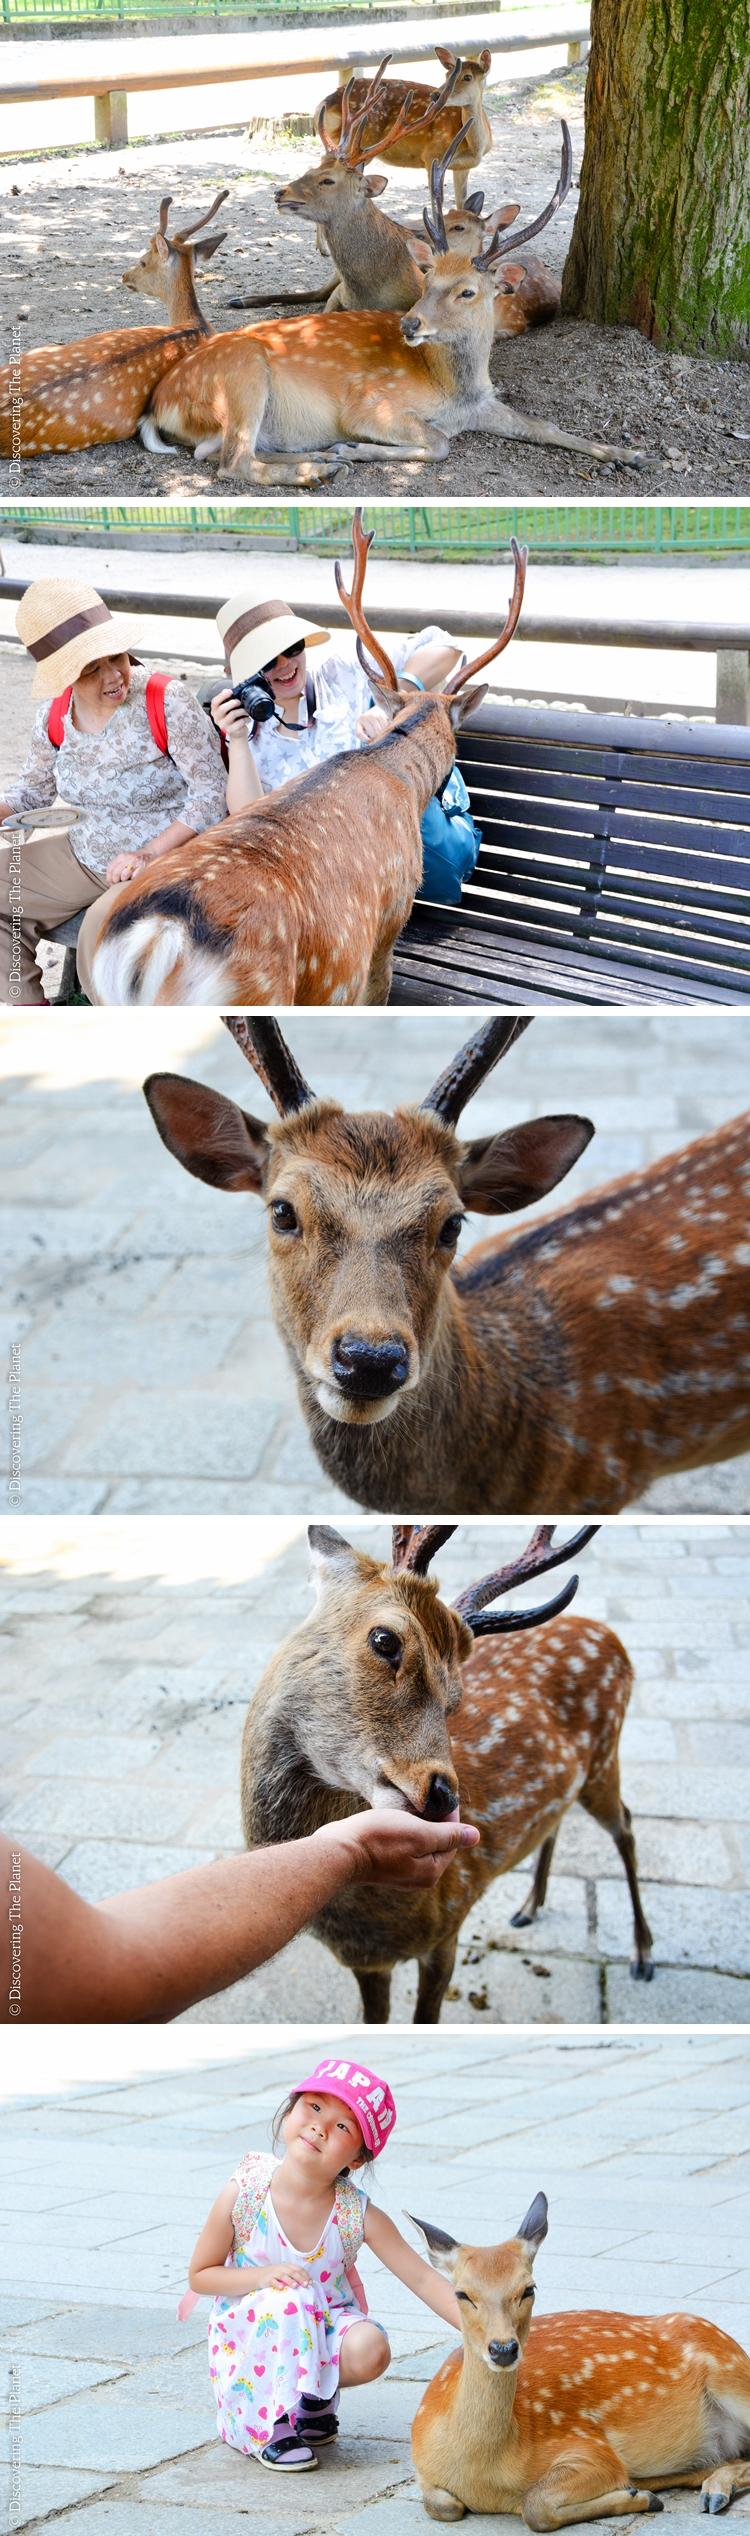 Japan, Nara 3